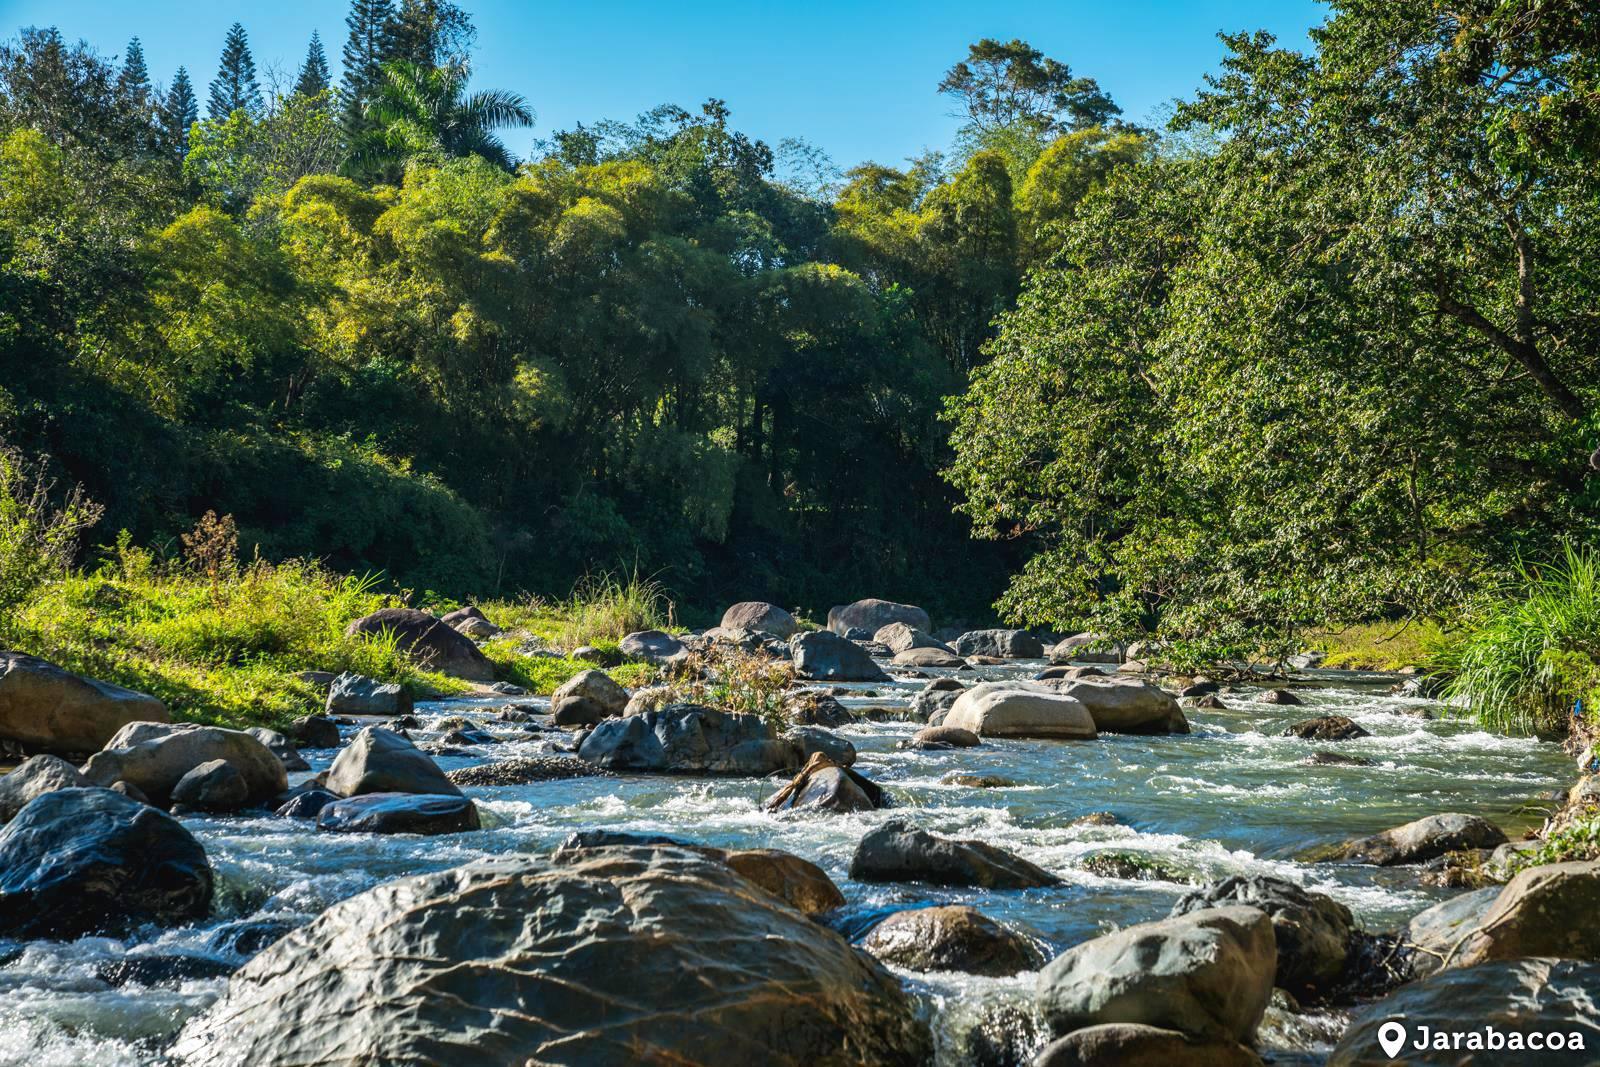 fiume a Jarabacoa, tra i 15 luoghi turistici emergenti della repubblica dominicana